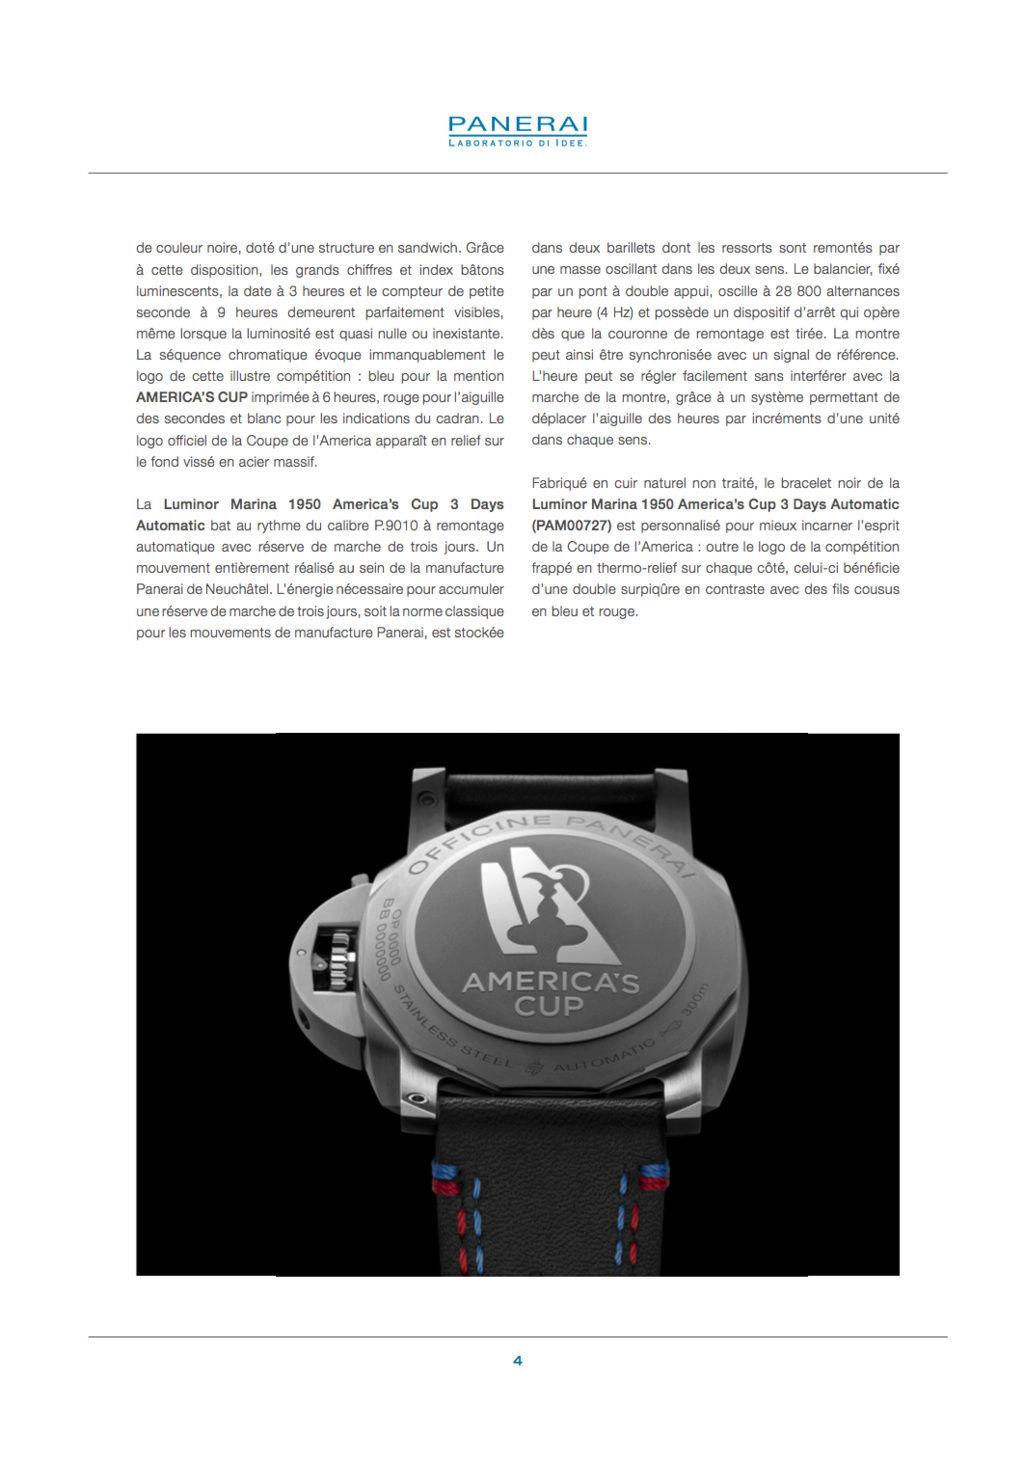 Communiqué de Presse SIHH2017 : Gamme Luminor AMERICA'S CUP - PAM00724-PAM00725-PAM00726-PAM00727-PAM00732 Captur63